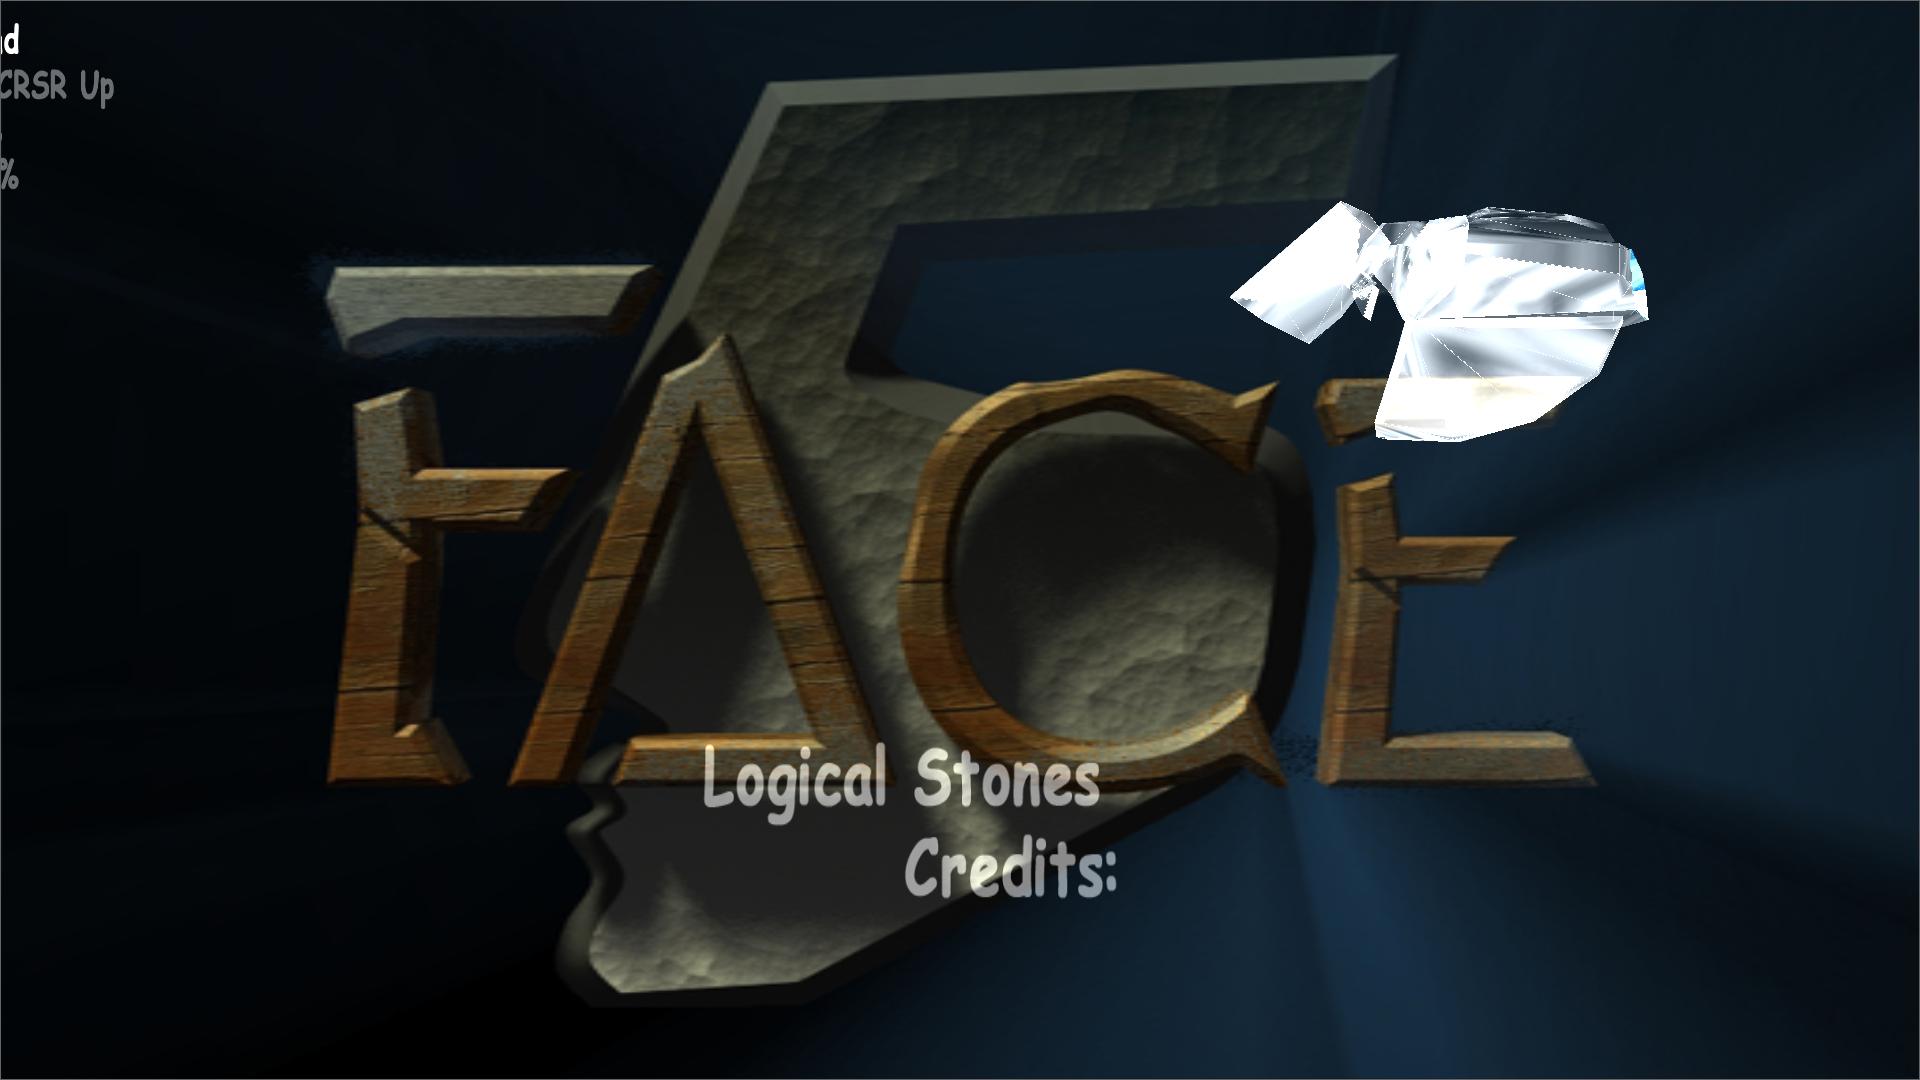 Broken main menu of Logical Stones